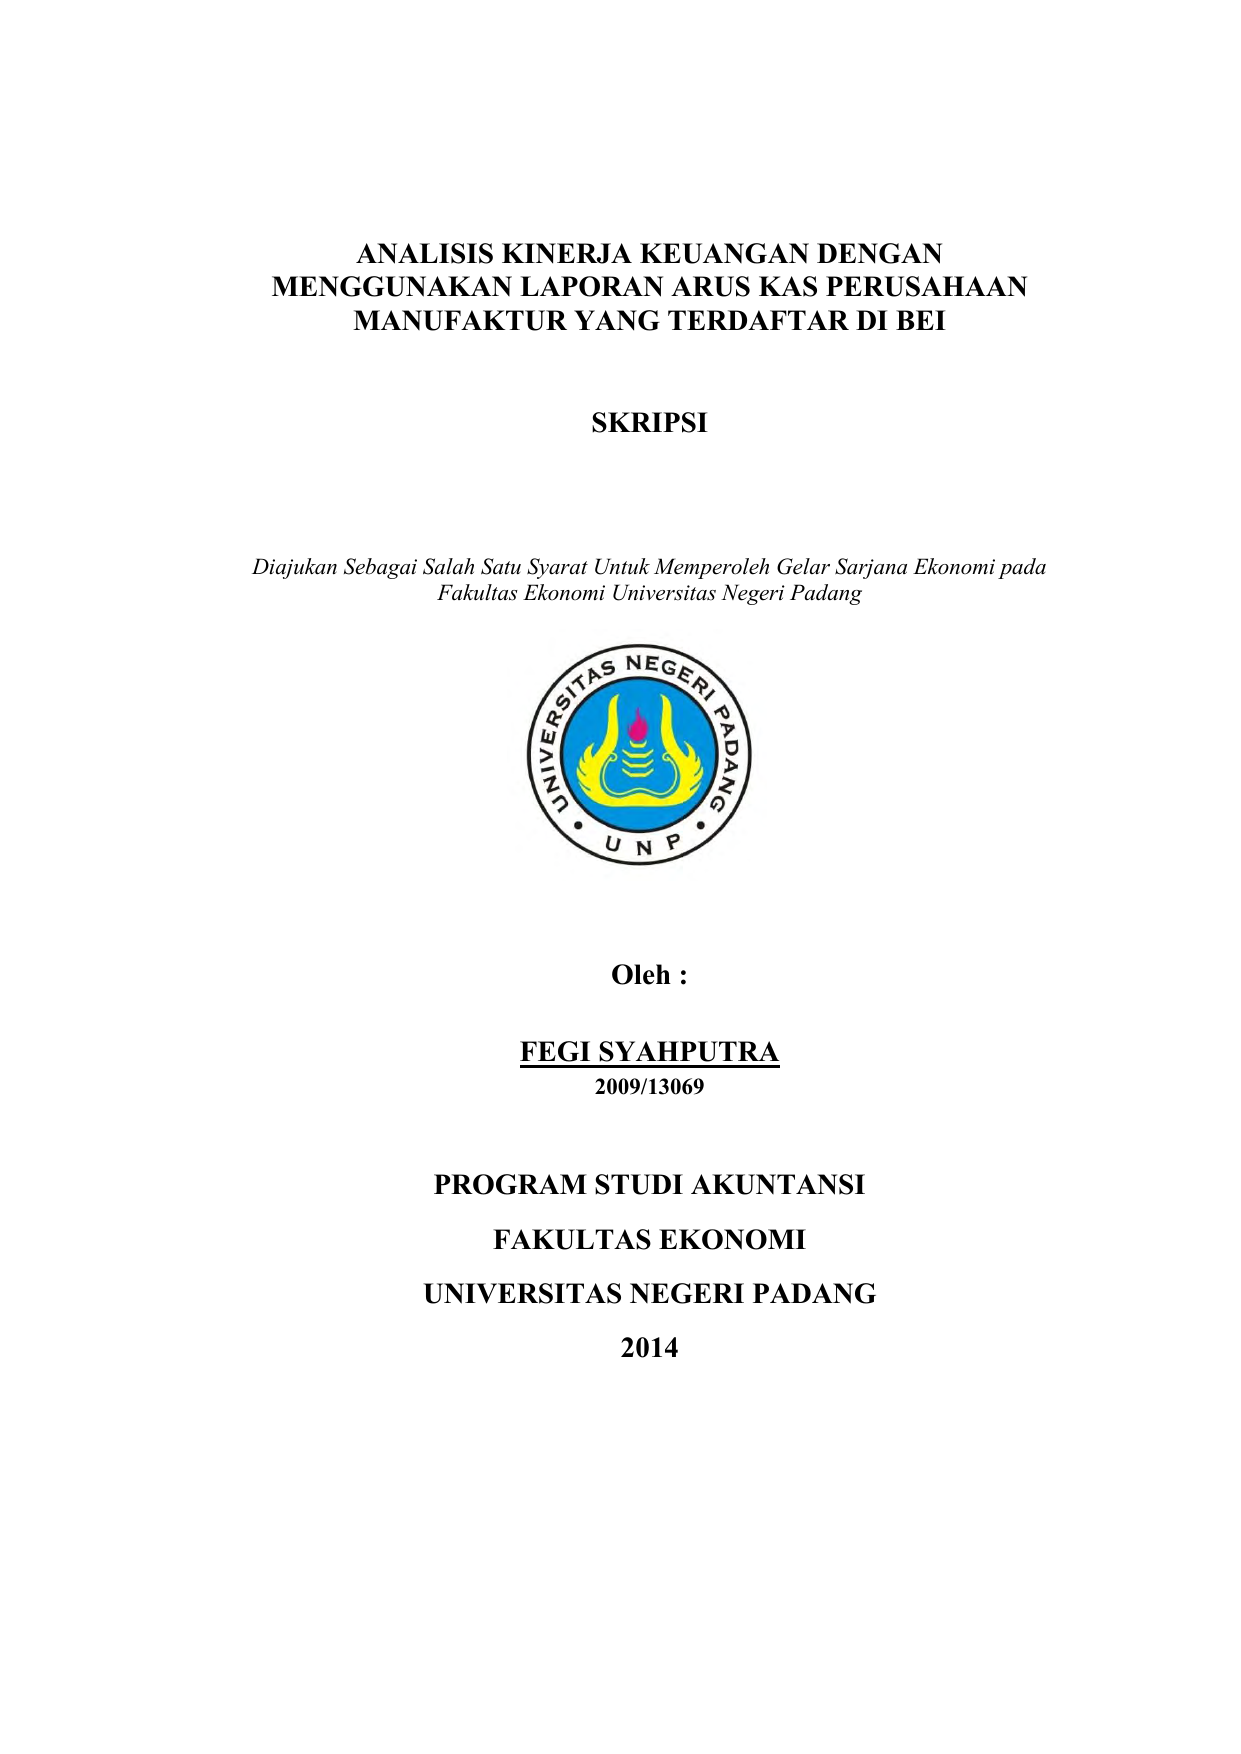 Skripsi Analisis Kinerja Keuangan Perusahaan Manufaktur Kumpulan Berbagai Skripsi